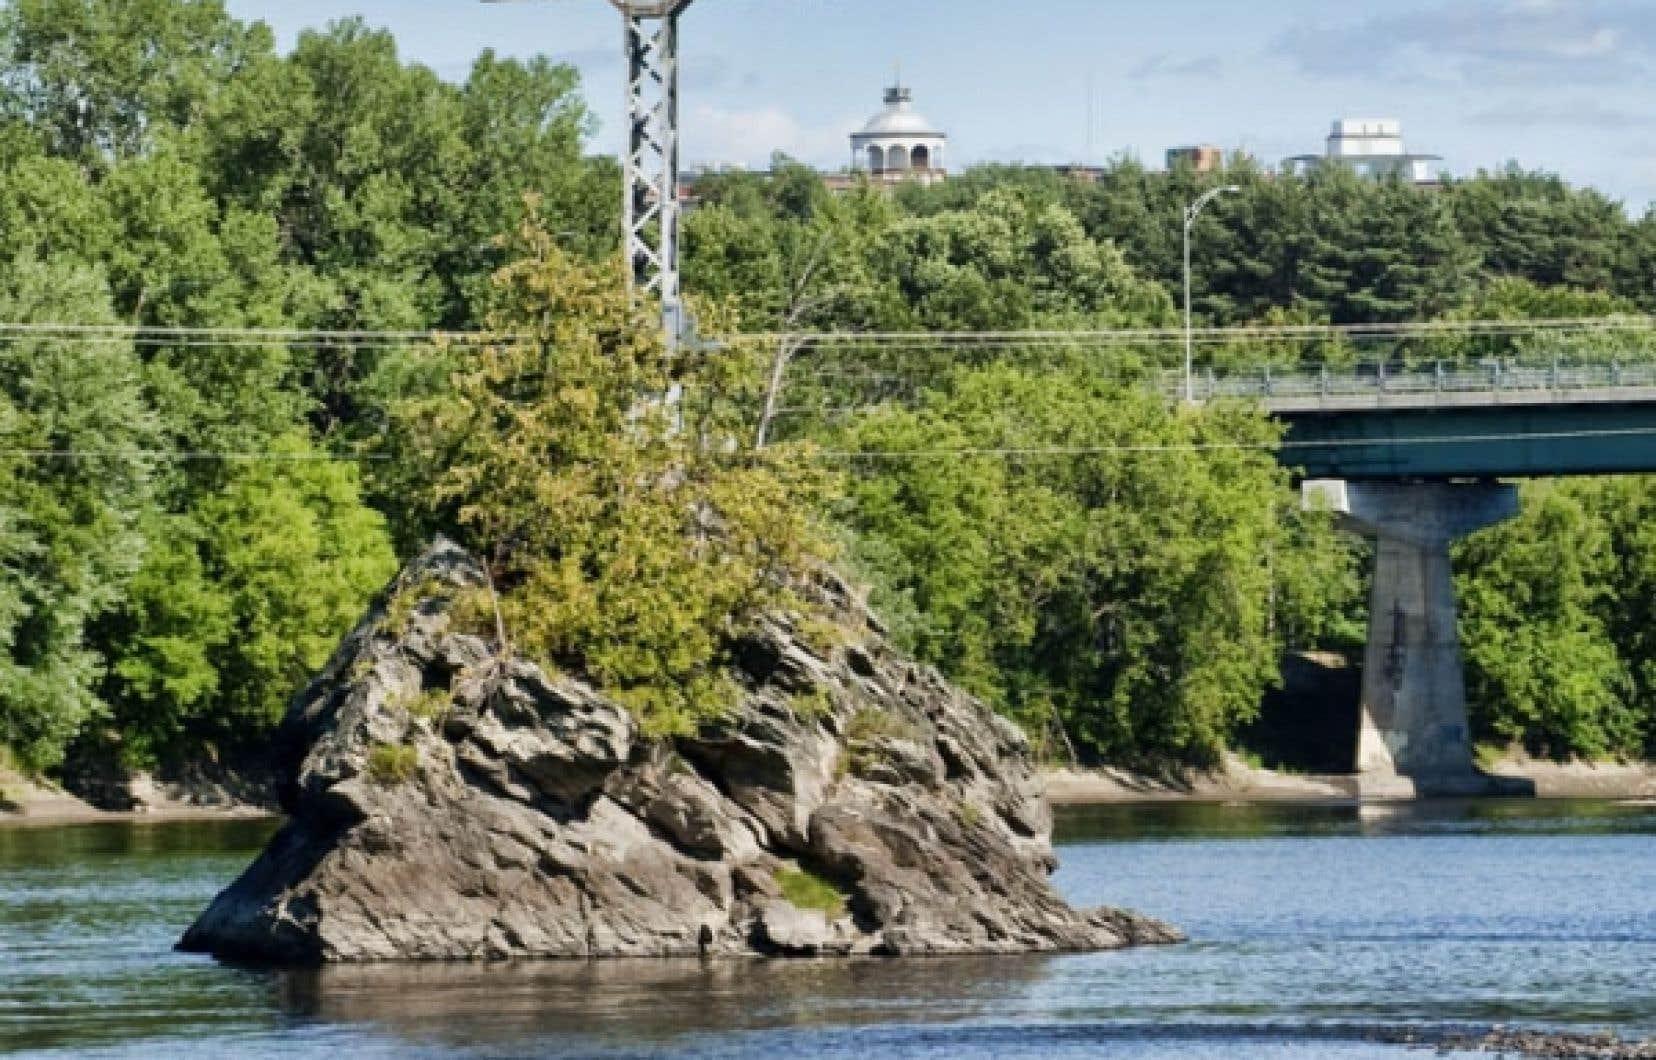 Le Rocher du Pin Solitaire, maintenant appel&eacute; Mena&rsquo;sen, au milieu de la rivi&egrave;re Saint-Fran&ccedil;ois, au c&oelig;ur de la ville de Sherbrooke.<br />